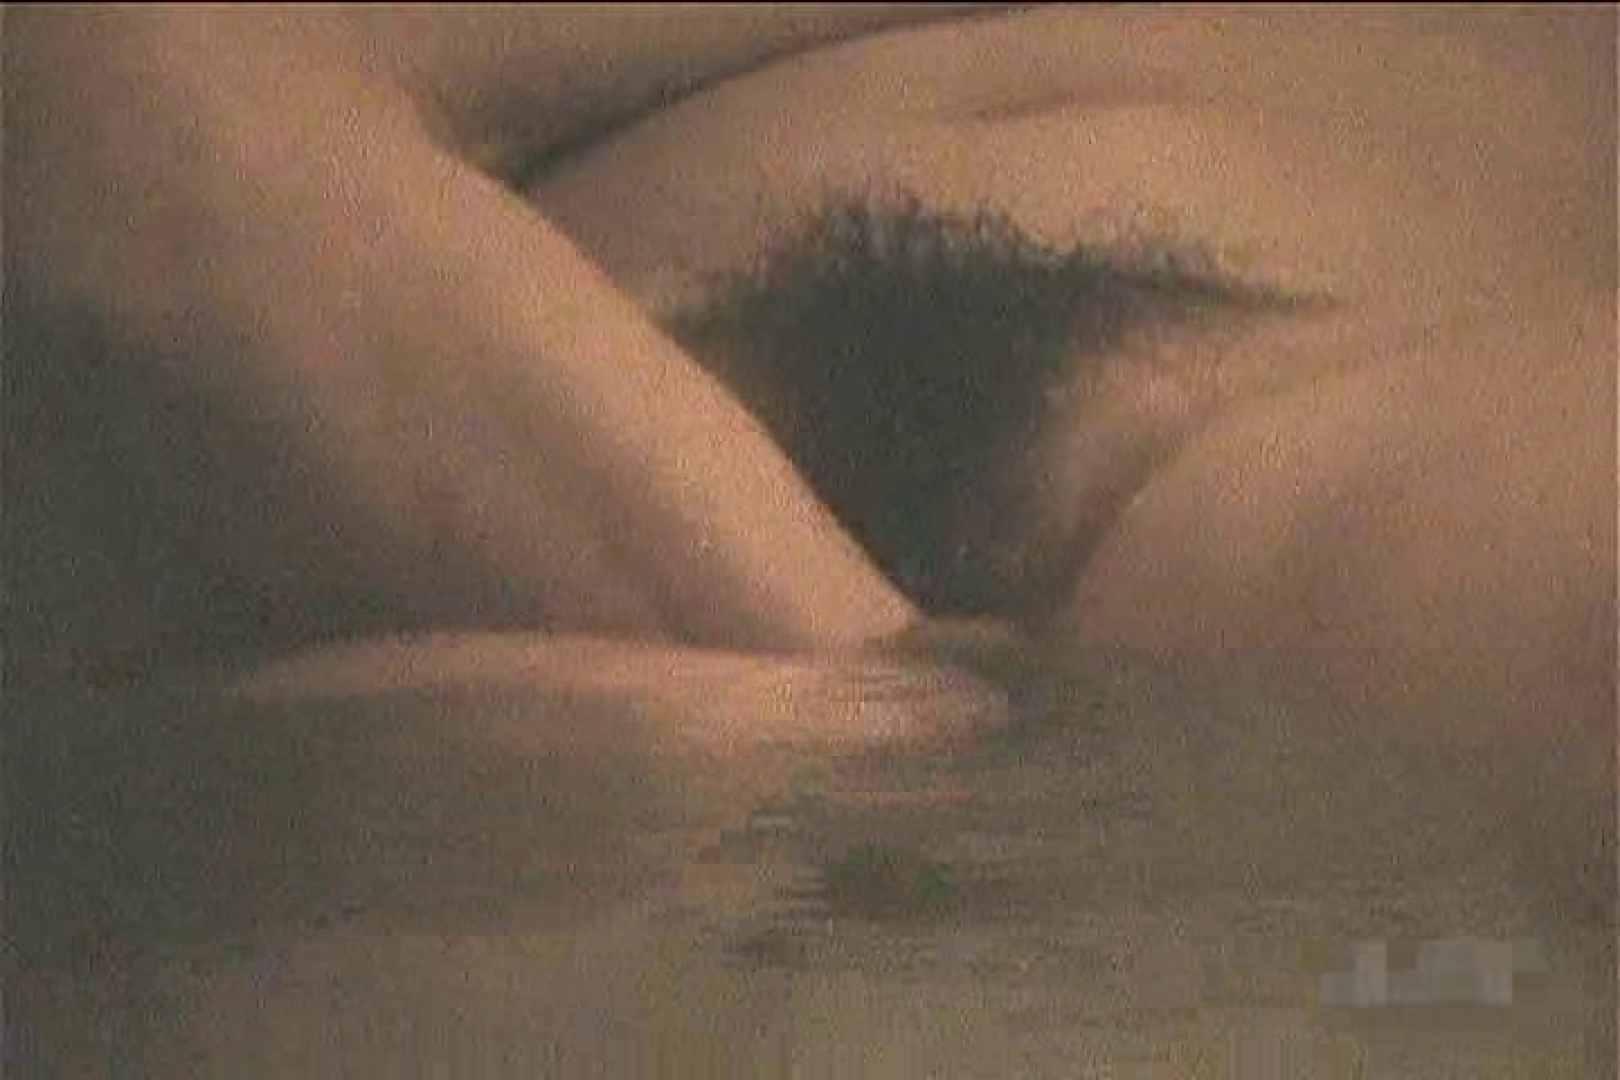 全裸で発情!!家族風呂の実態Vol.3 ホテル オメコ動画キャプチャ 75画像 14